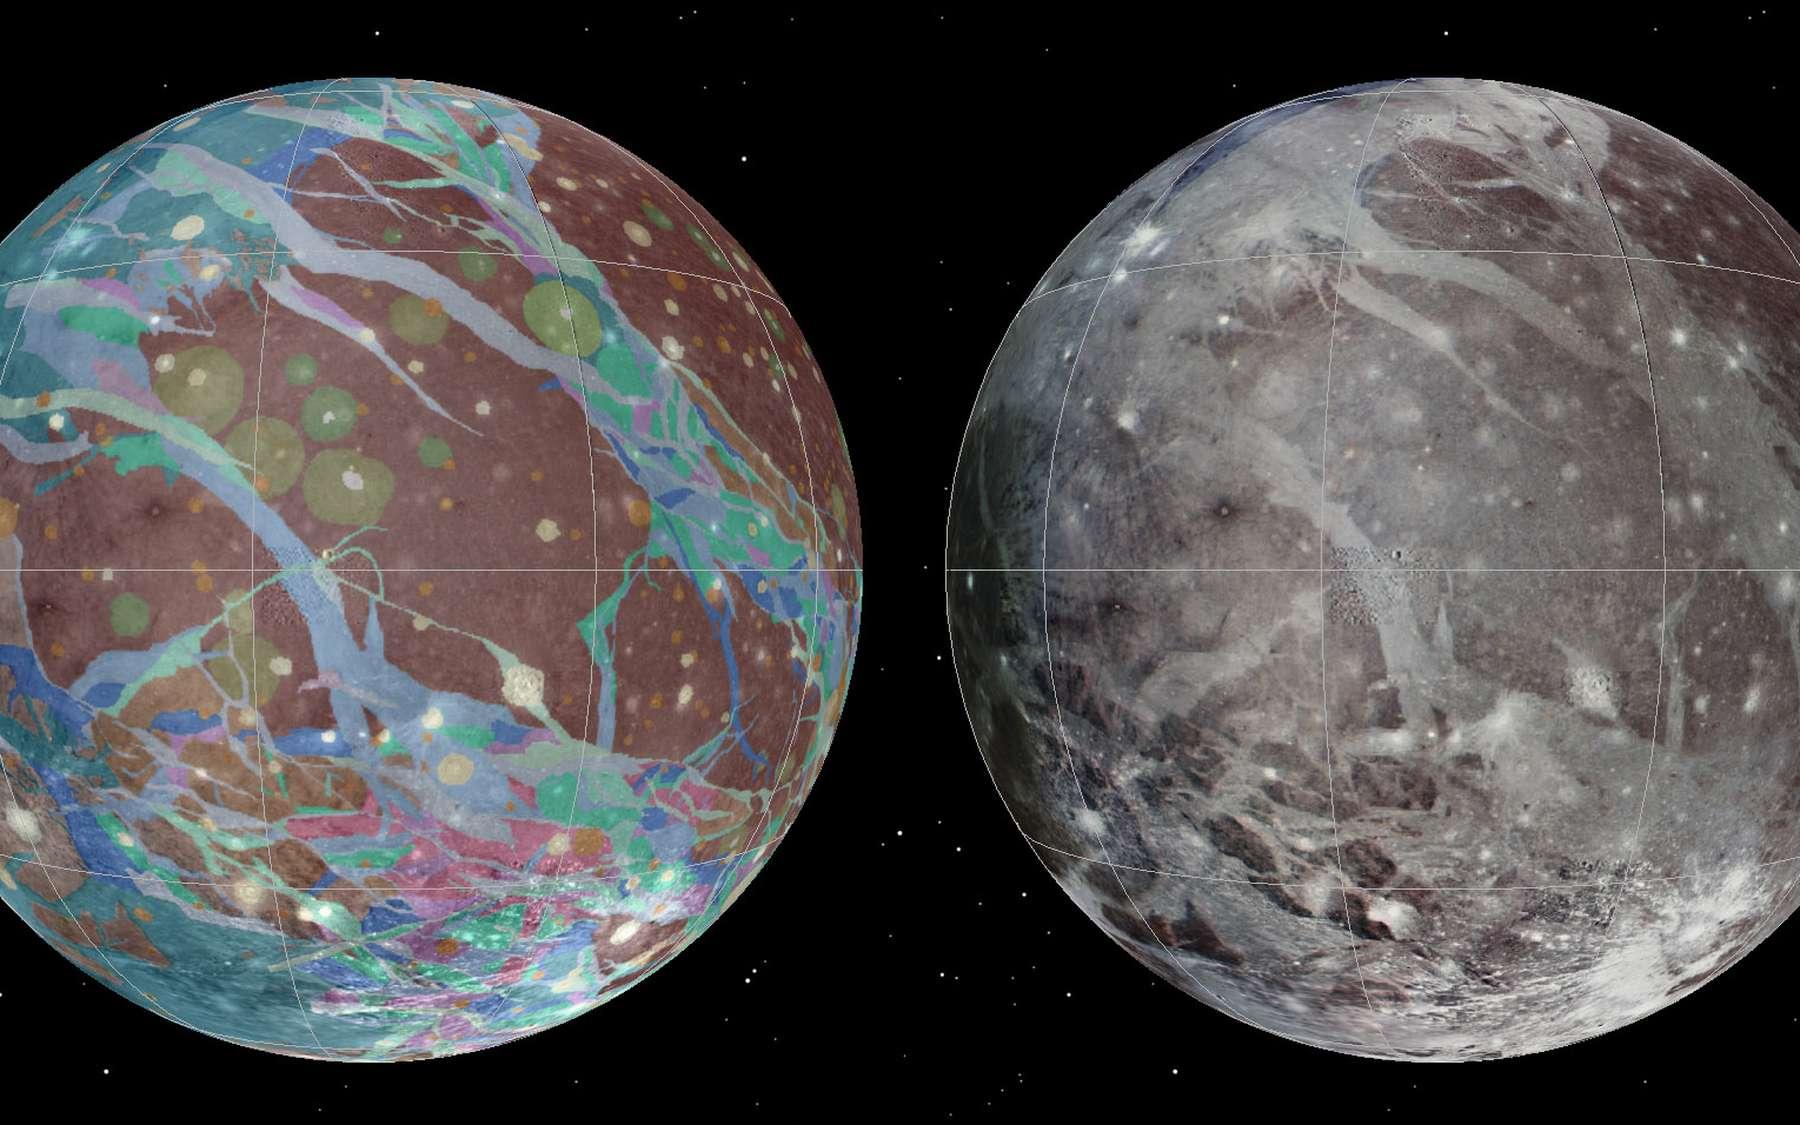 Plus gros satellite de Jupiter, la lune Ganymède est recouverte d'une surface glacée, formée et déformée par une variété de processus tectoniques, d'impacts et, peut-être, d'événements cryovolcaniques. L'histoire de Ganymède semble divisée en trois phases distinctes. À une époque précoce, il y a plus de 4 milliards d'années, dominée par des cratères d'impact, ont succédé une période marquée par de grands bouleversements tectoniques puis, finalement, une phase de repos caractérisée par une baisse progressive des flux de chaleur et de rares impacts. Les images et les données à l'origine de la première carte géologique de cette lune ont été recueillies au cours des survols de Voyager 1 et Voyager 2 (1979), ainsi que lors de la mission Galileo en orbite autour de Jupiter (1995-2003). © Nasa,USGS